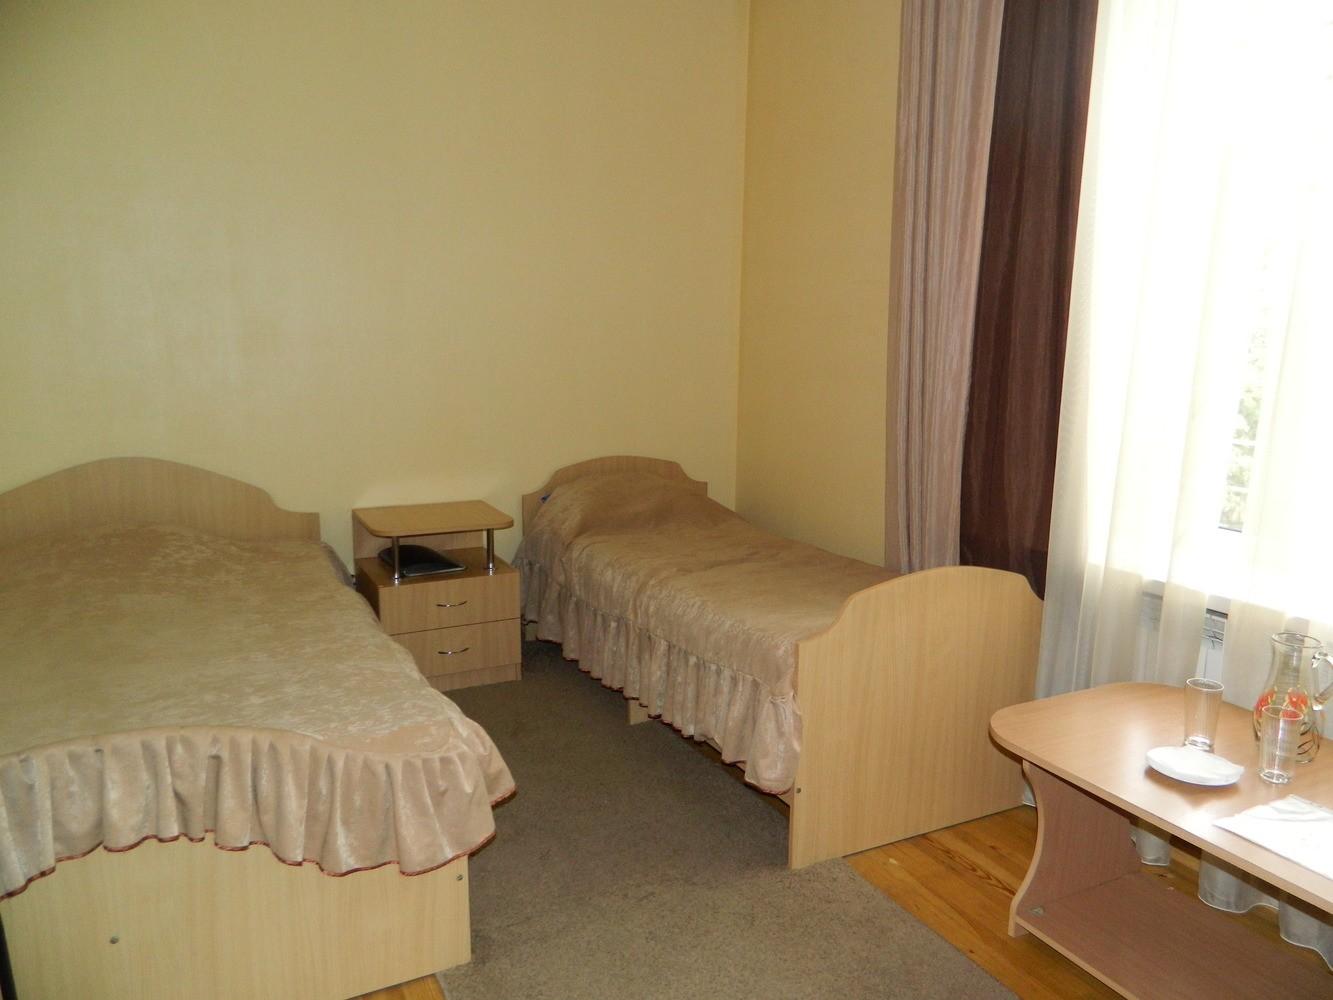 Сказка, гостиничный комплекс - №1